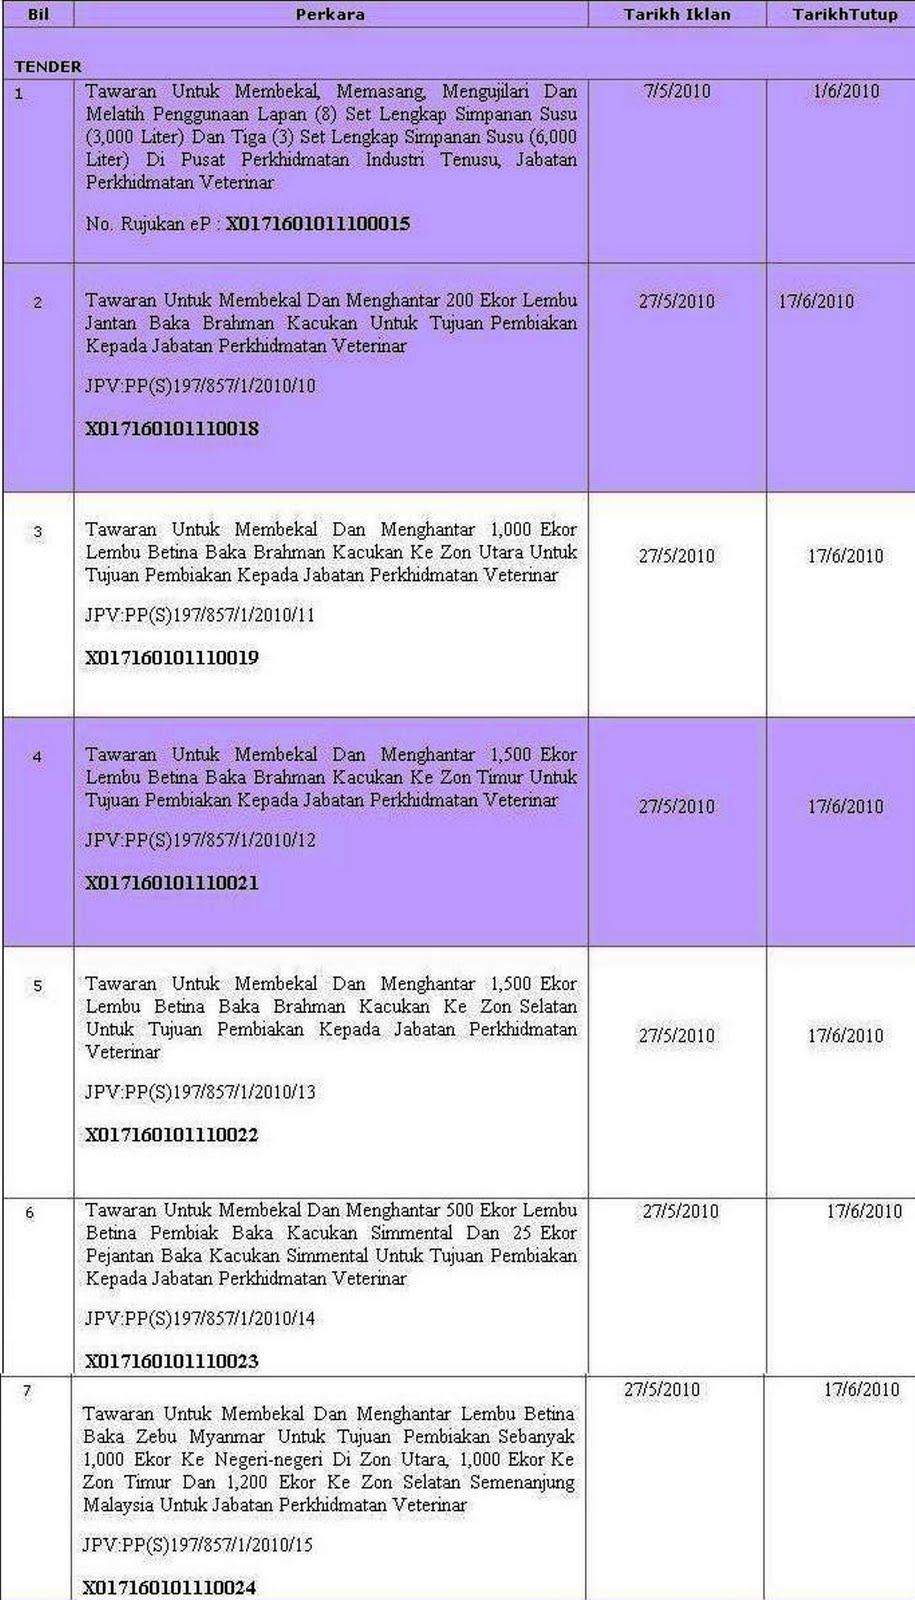 tender a iklan sebut harga tender dvs 2010 sebahagian dari tender